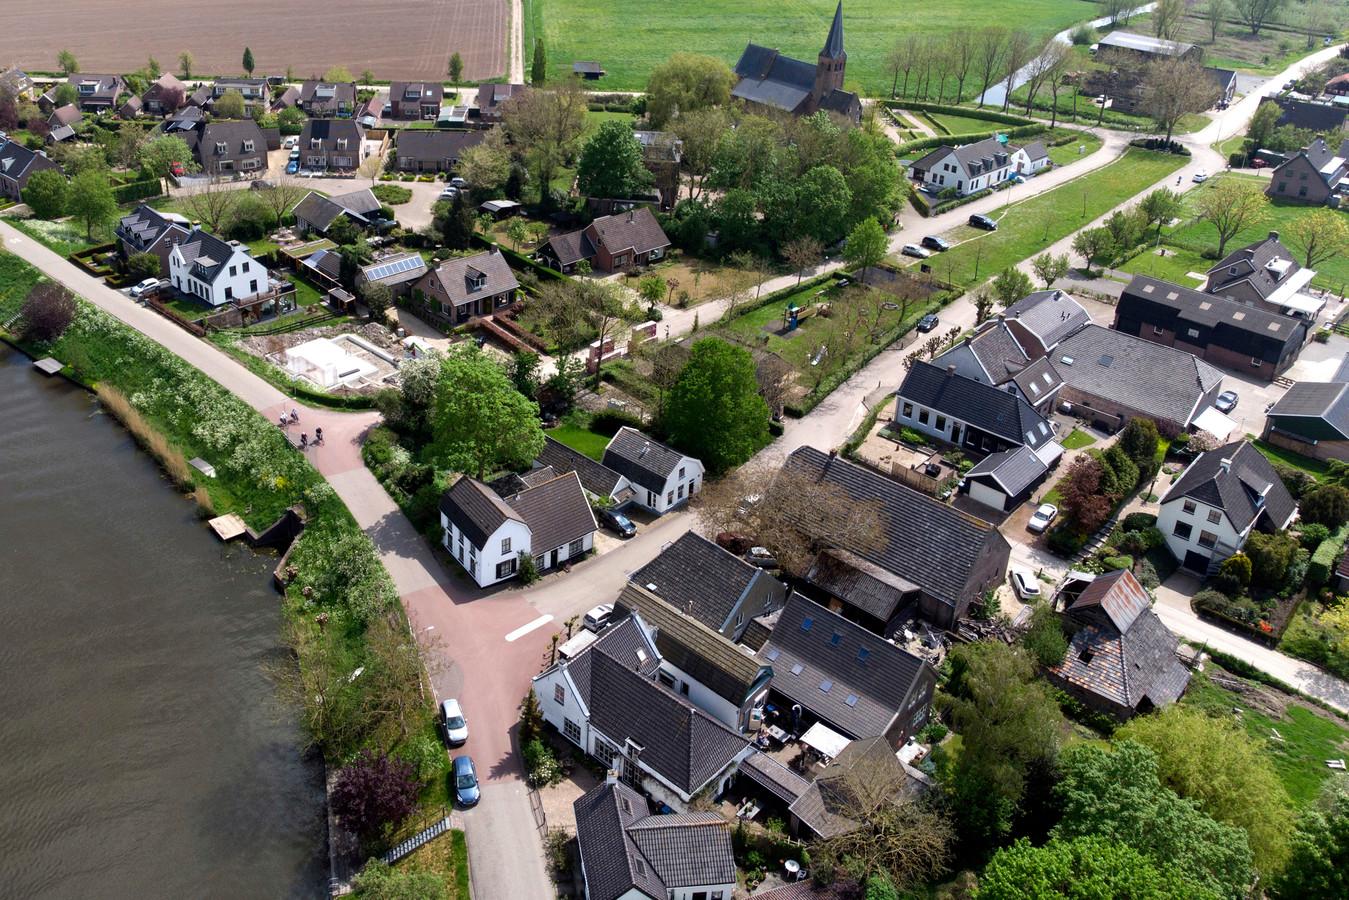 Luchtfoto van het dorp Gellicum.